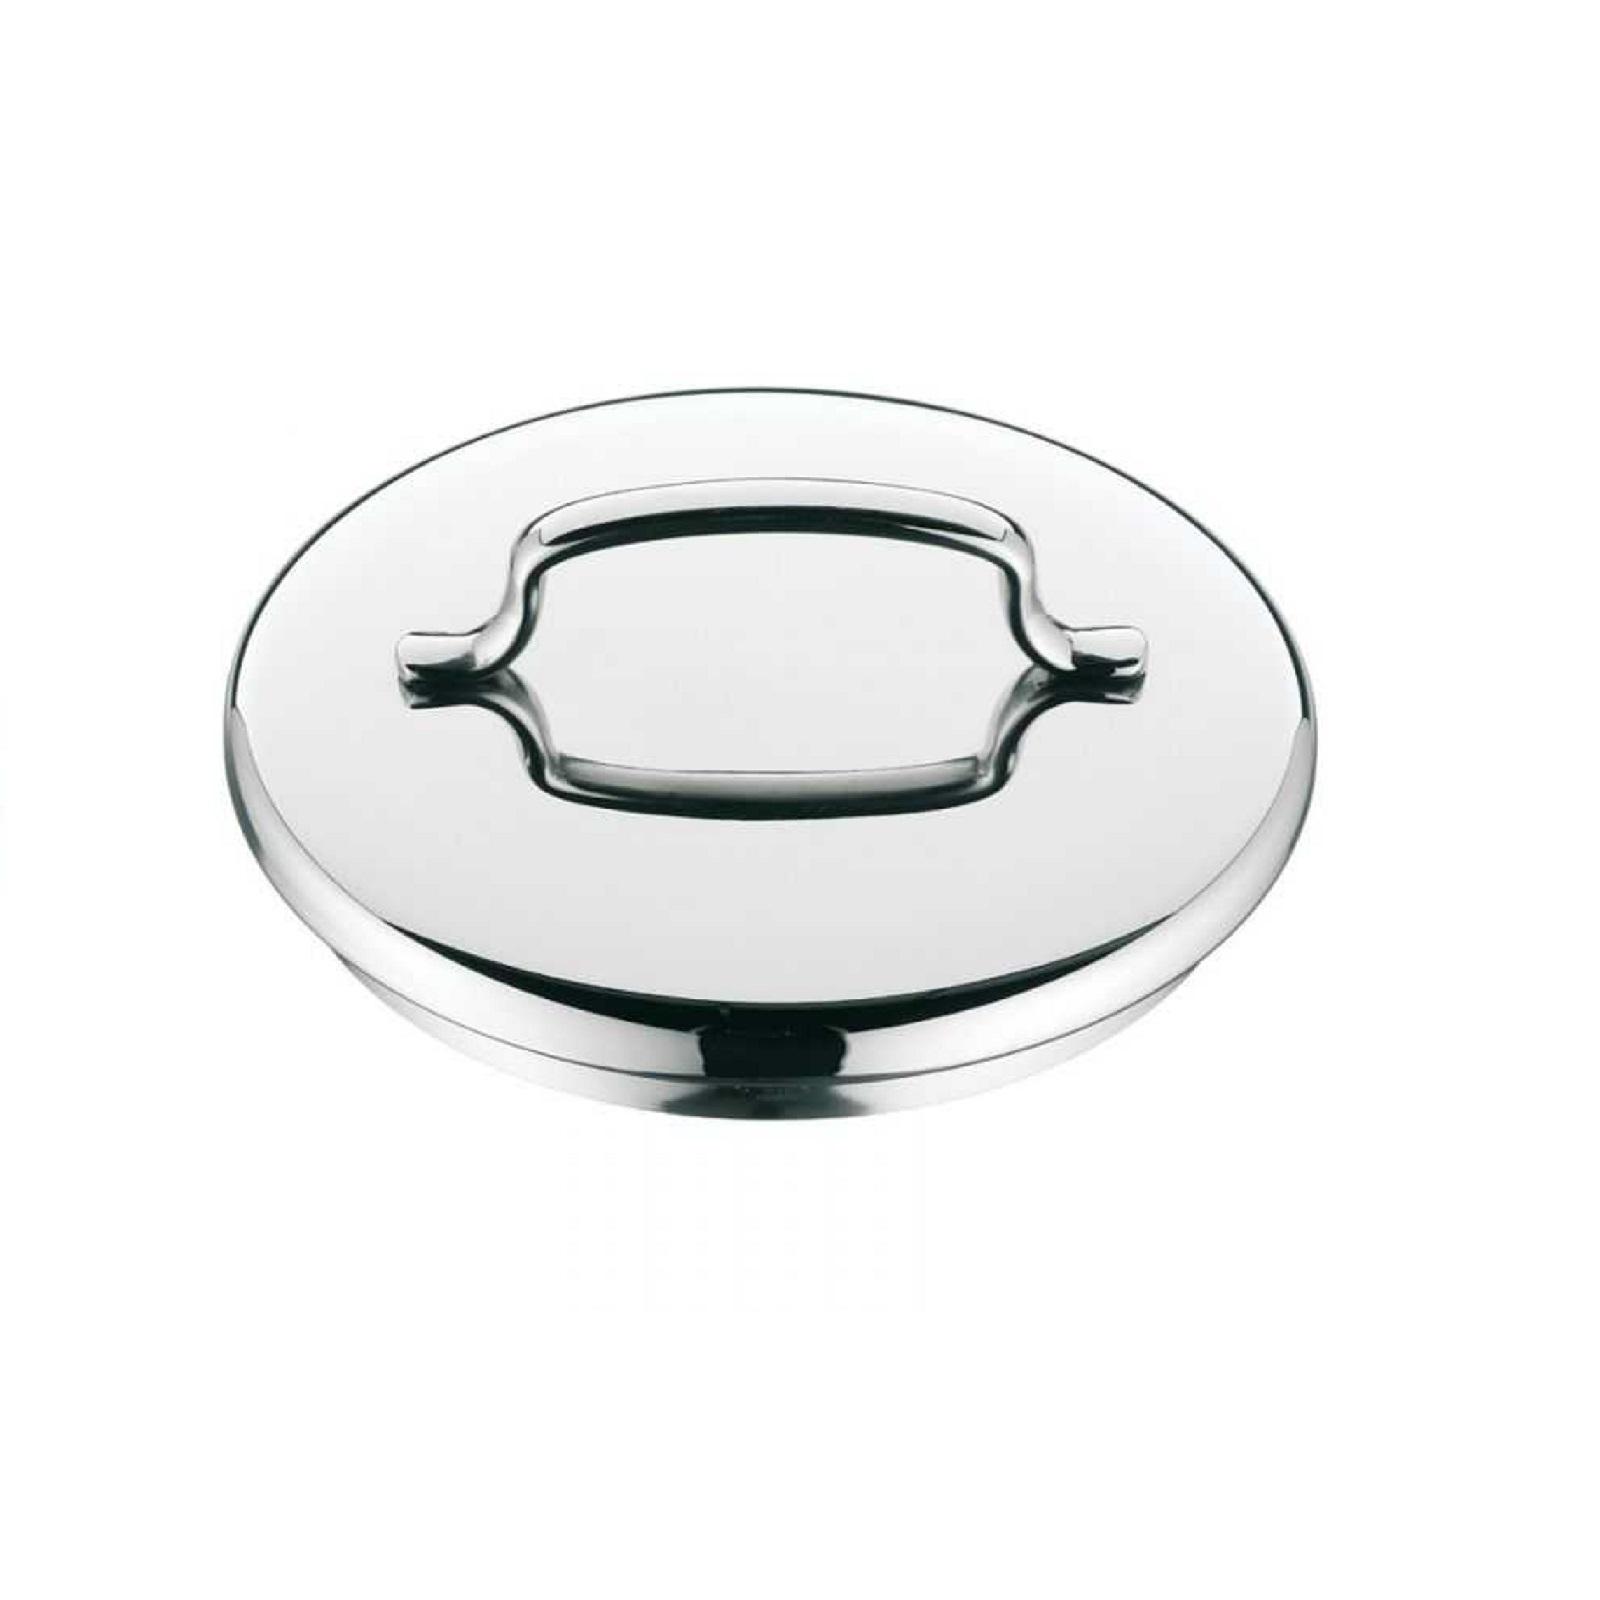 Крышка для кастрюли WMF MINI, диаметр 12 см, серебристый WMF 07 1281 6040 фото 1